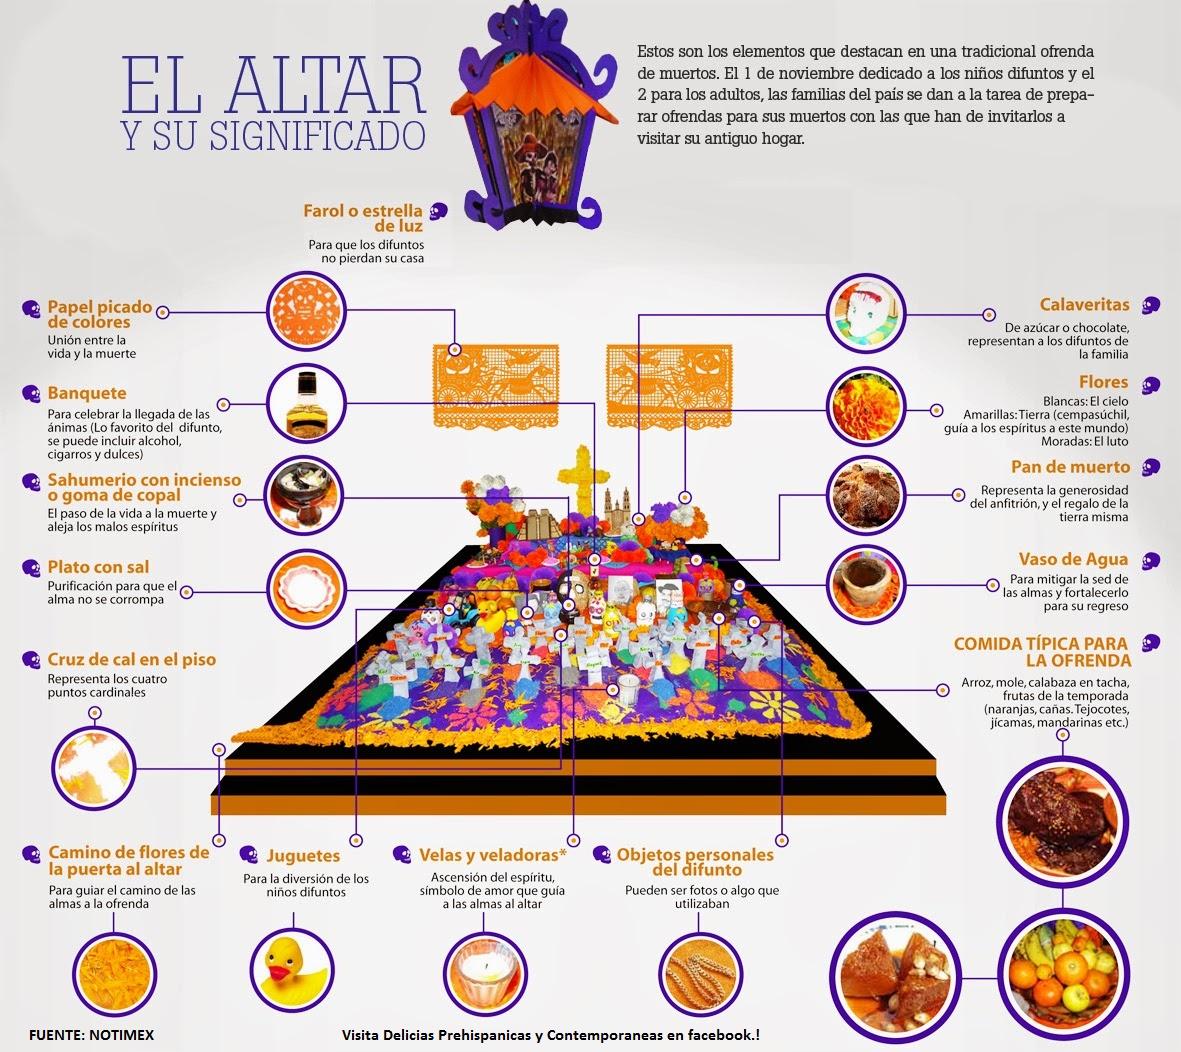 altar y su significado muertos